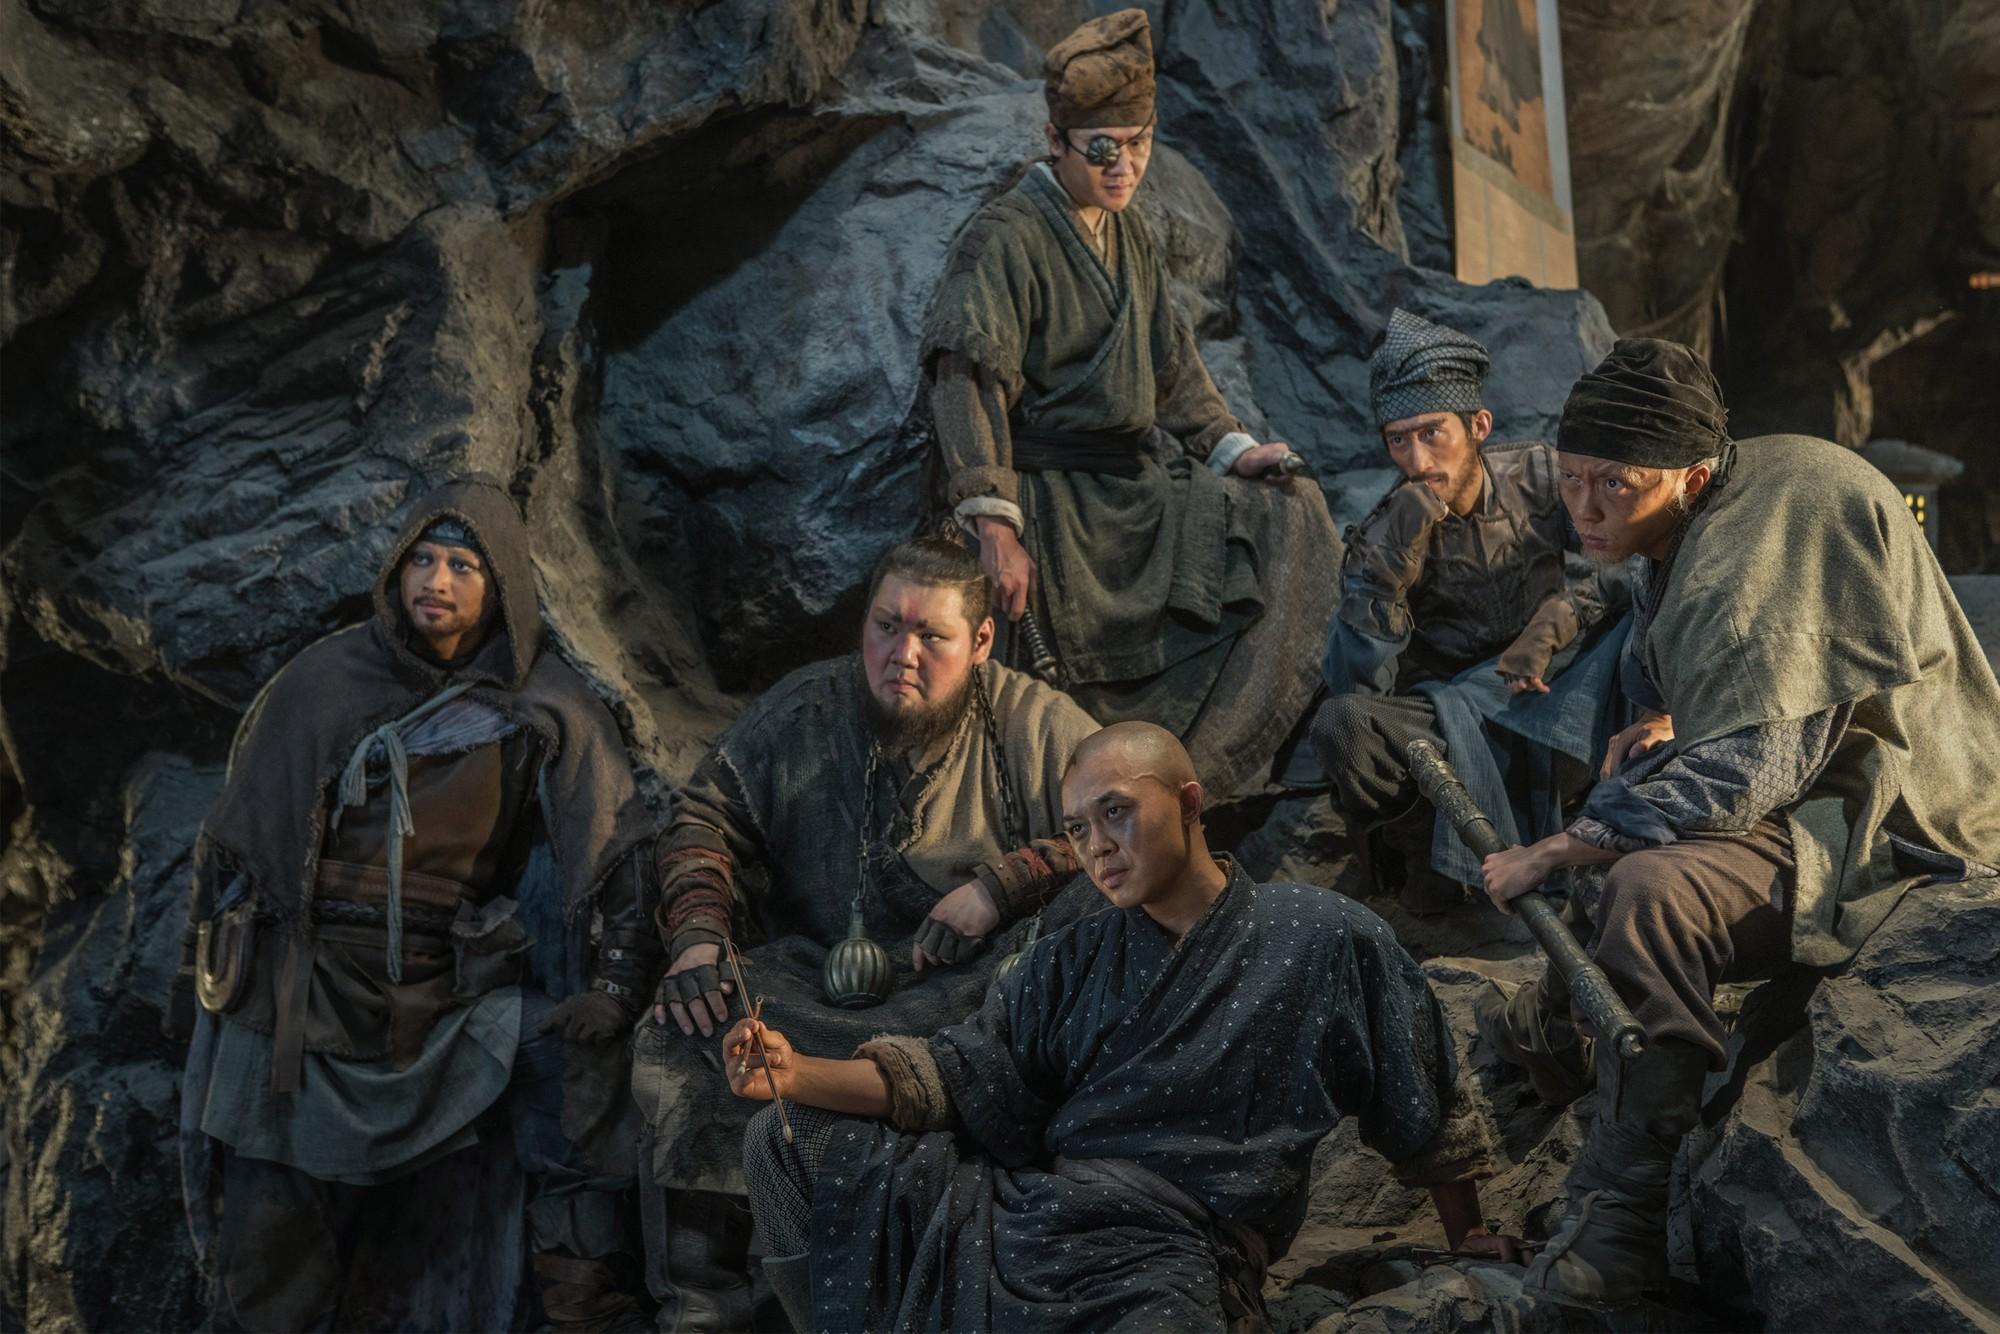 Ngũ Hiệp Trừ Yêu: Đã hiểu vì sao phim bị chê làm mất mặt Trung Quốc - Ảnh 5.